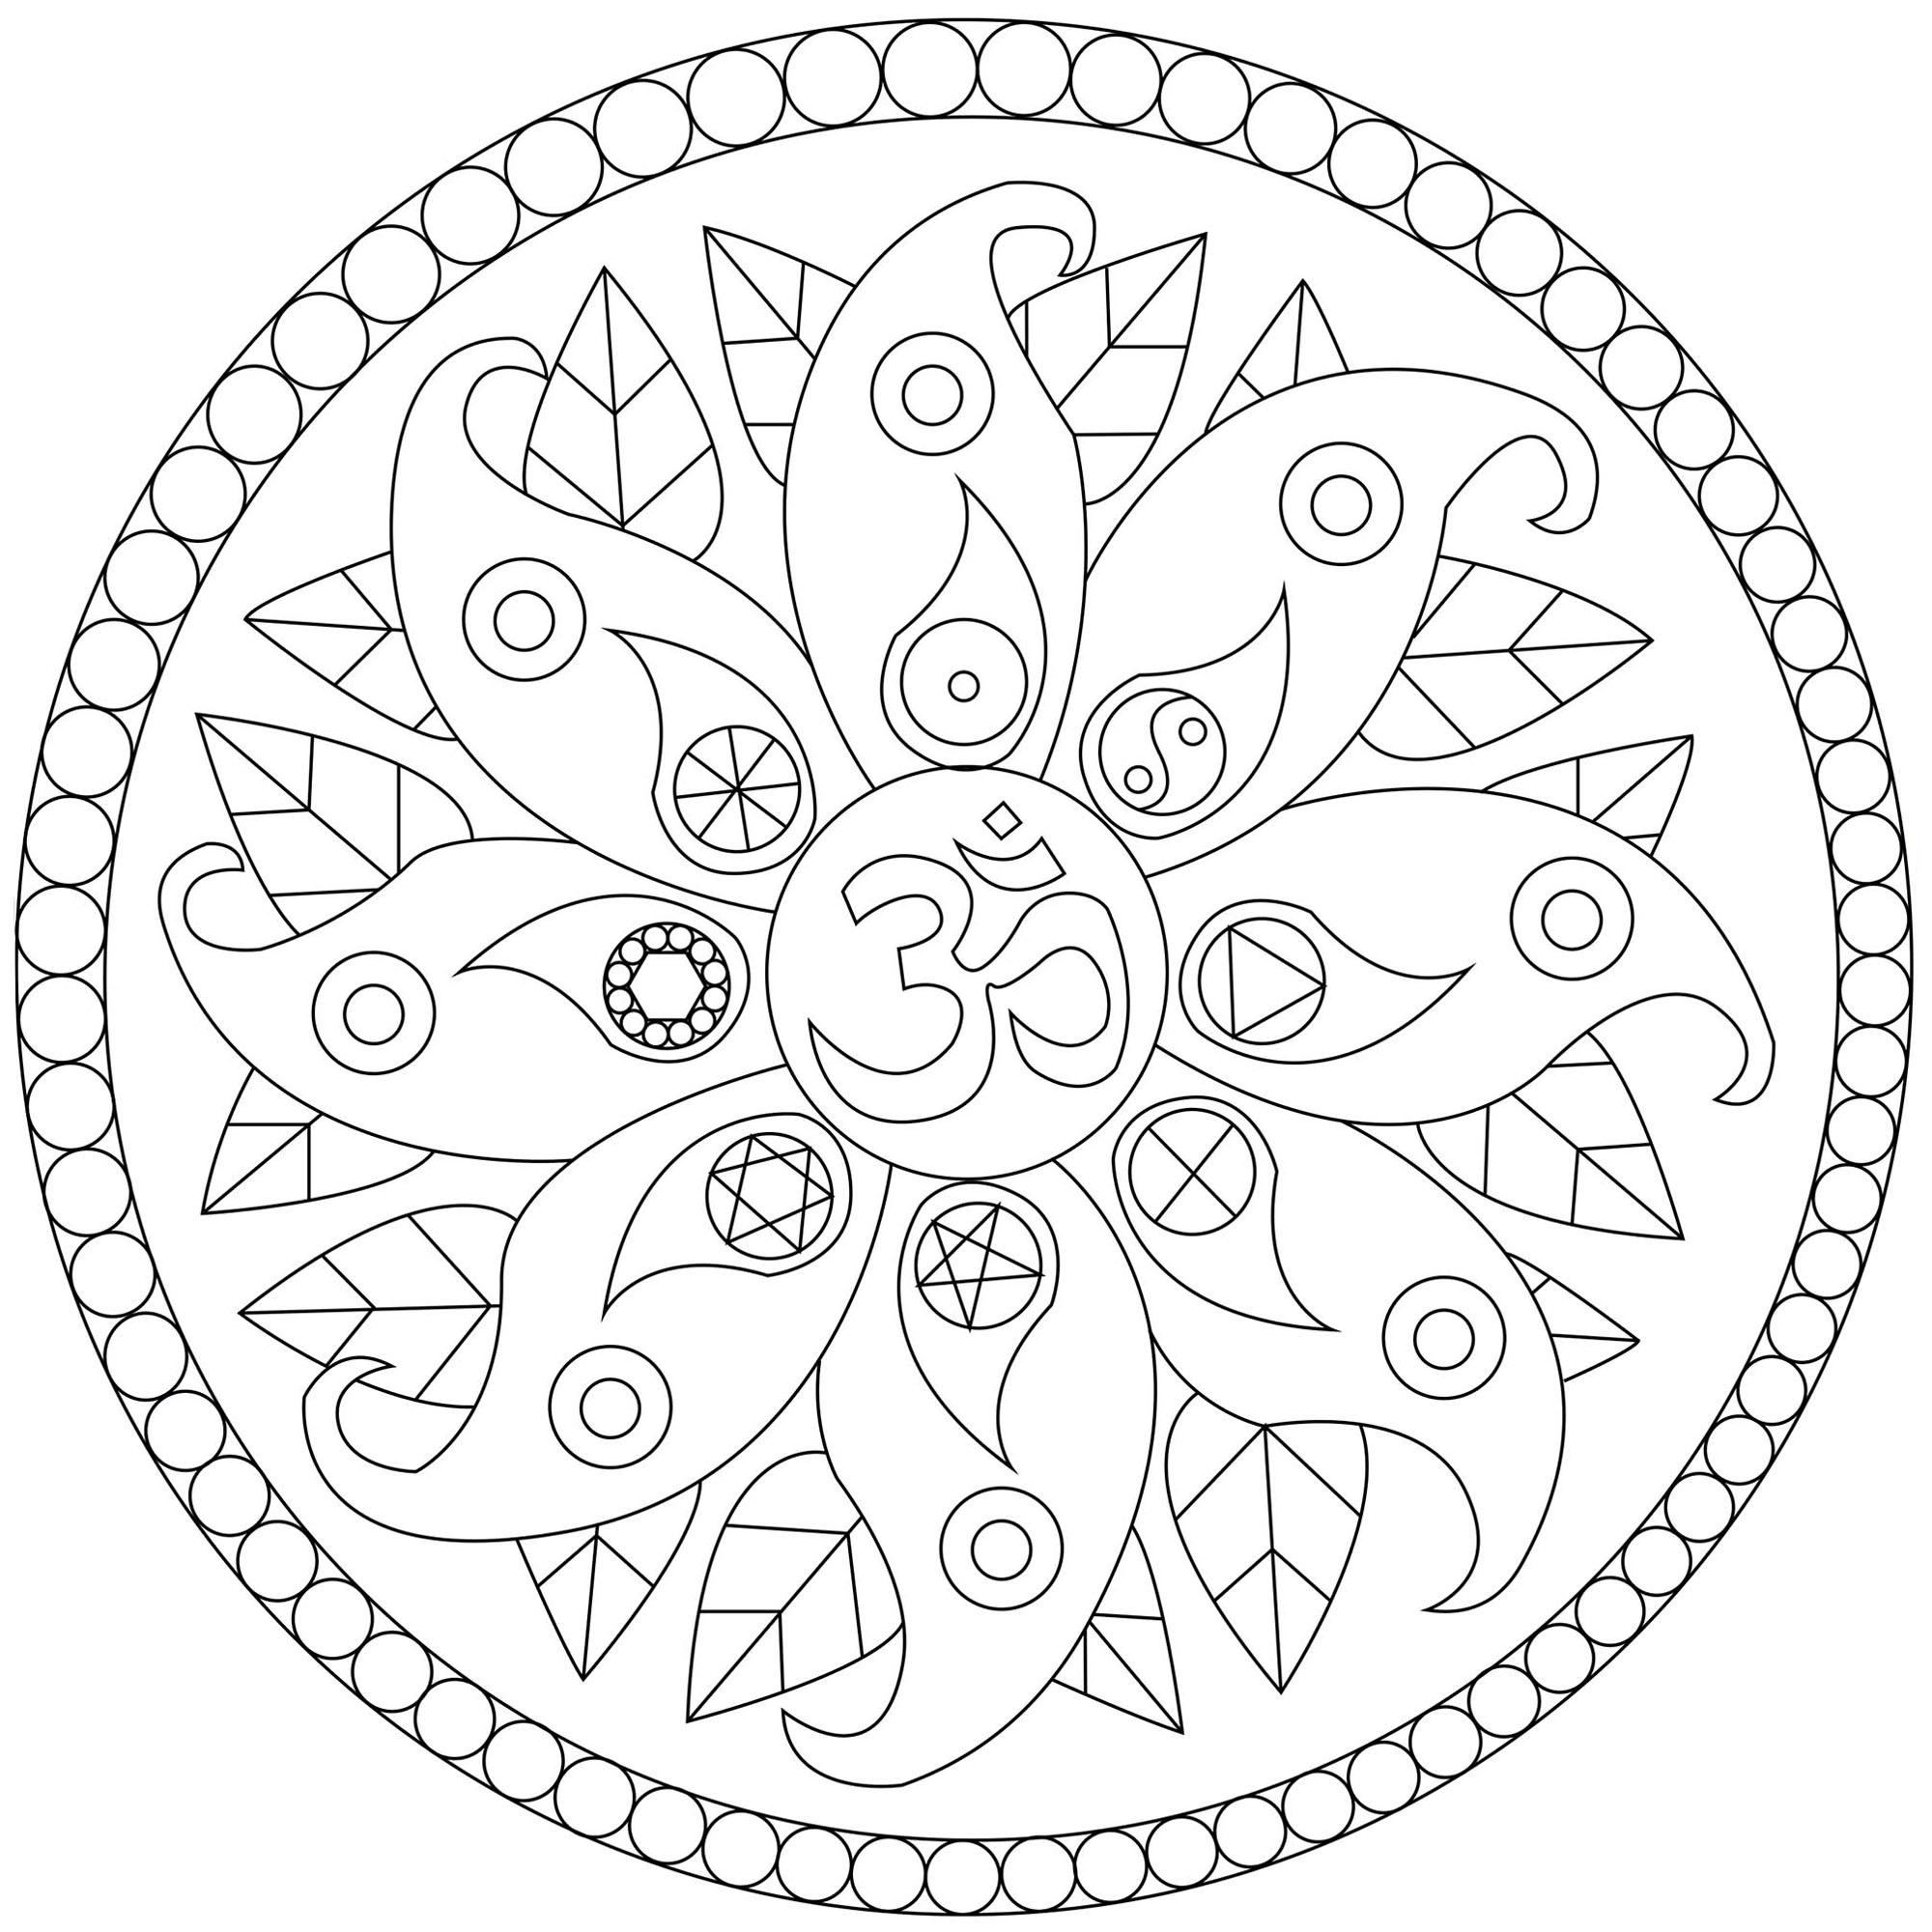 Un joli Mandala assez simple comportant divers symboles de paix : le symbol Om, le Yin et le Yang ...